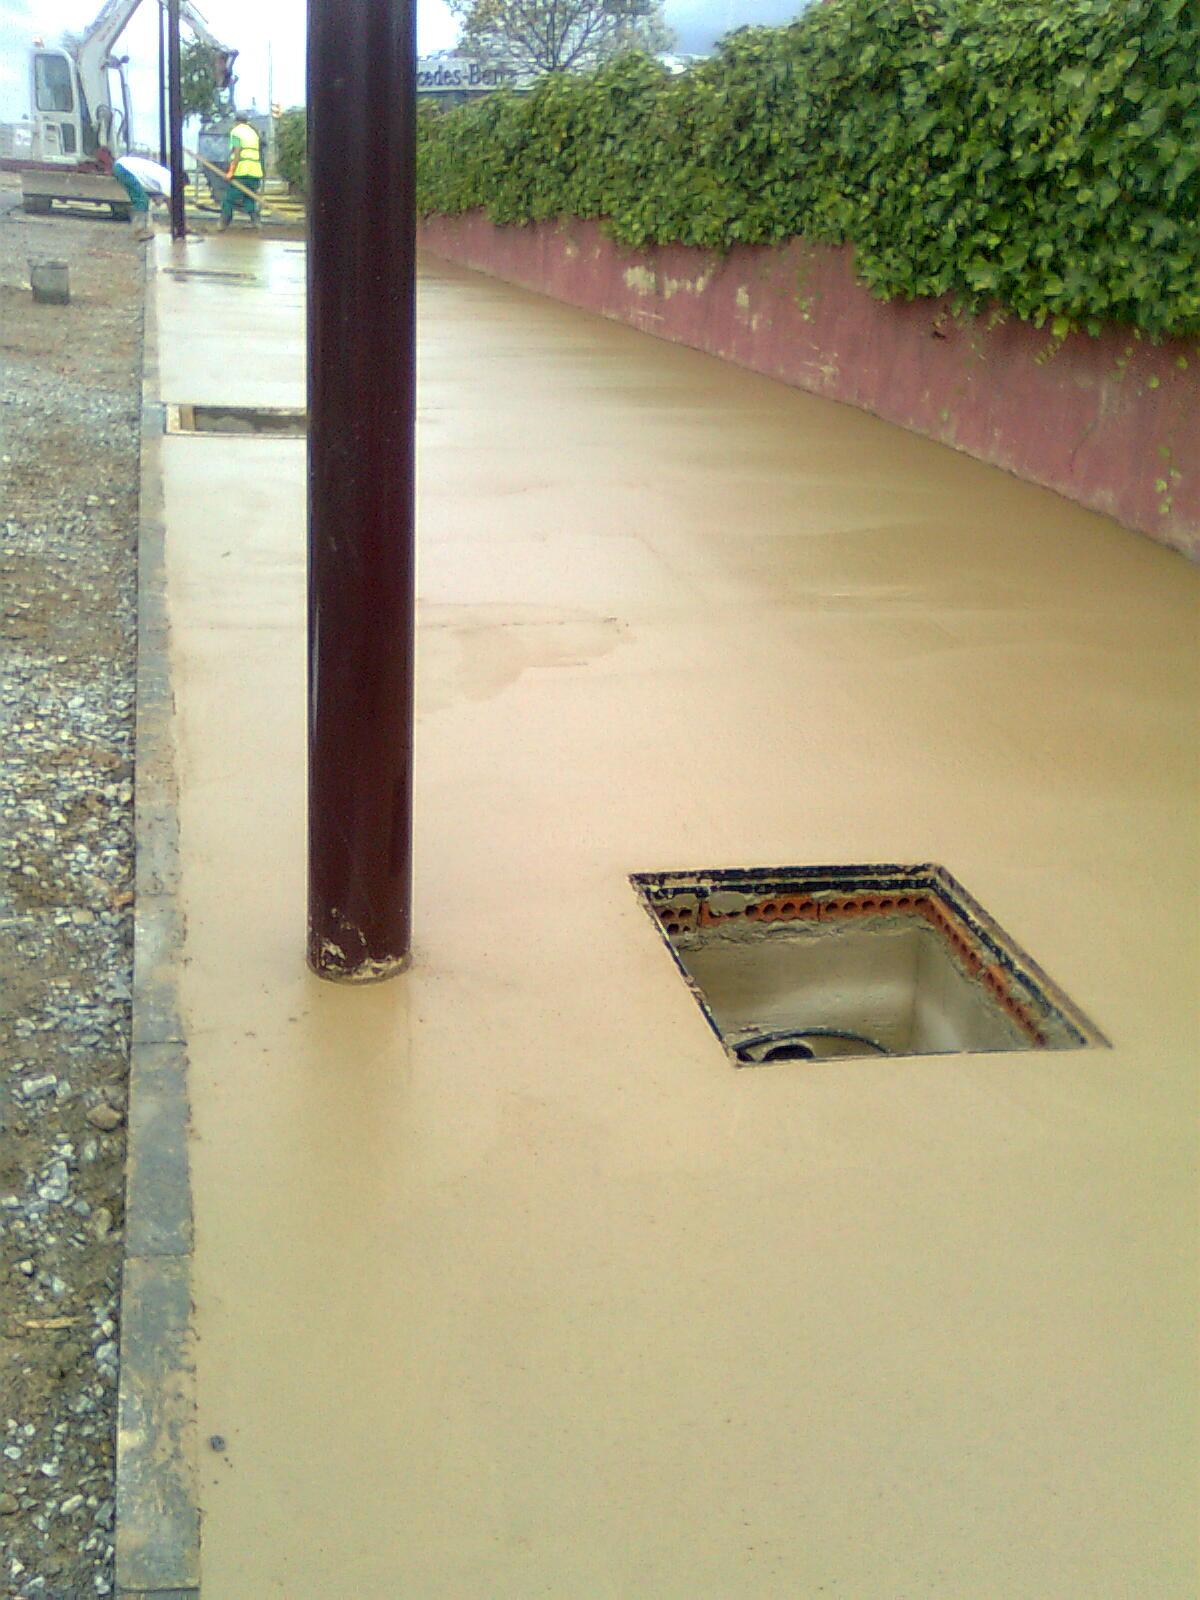 Pigmentos en cemento for Hormigon encerado sobre suelo de baldosas